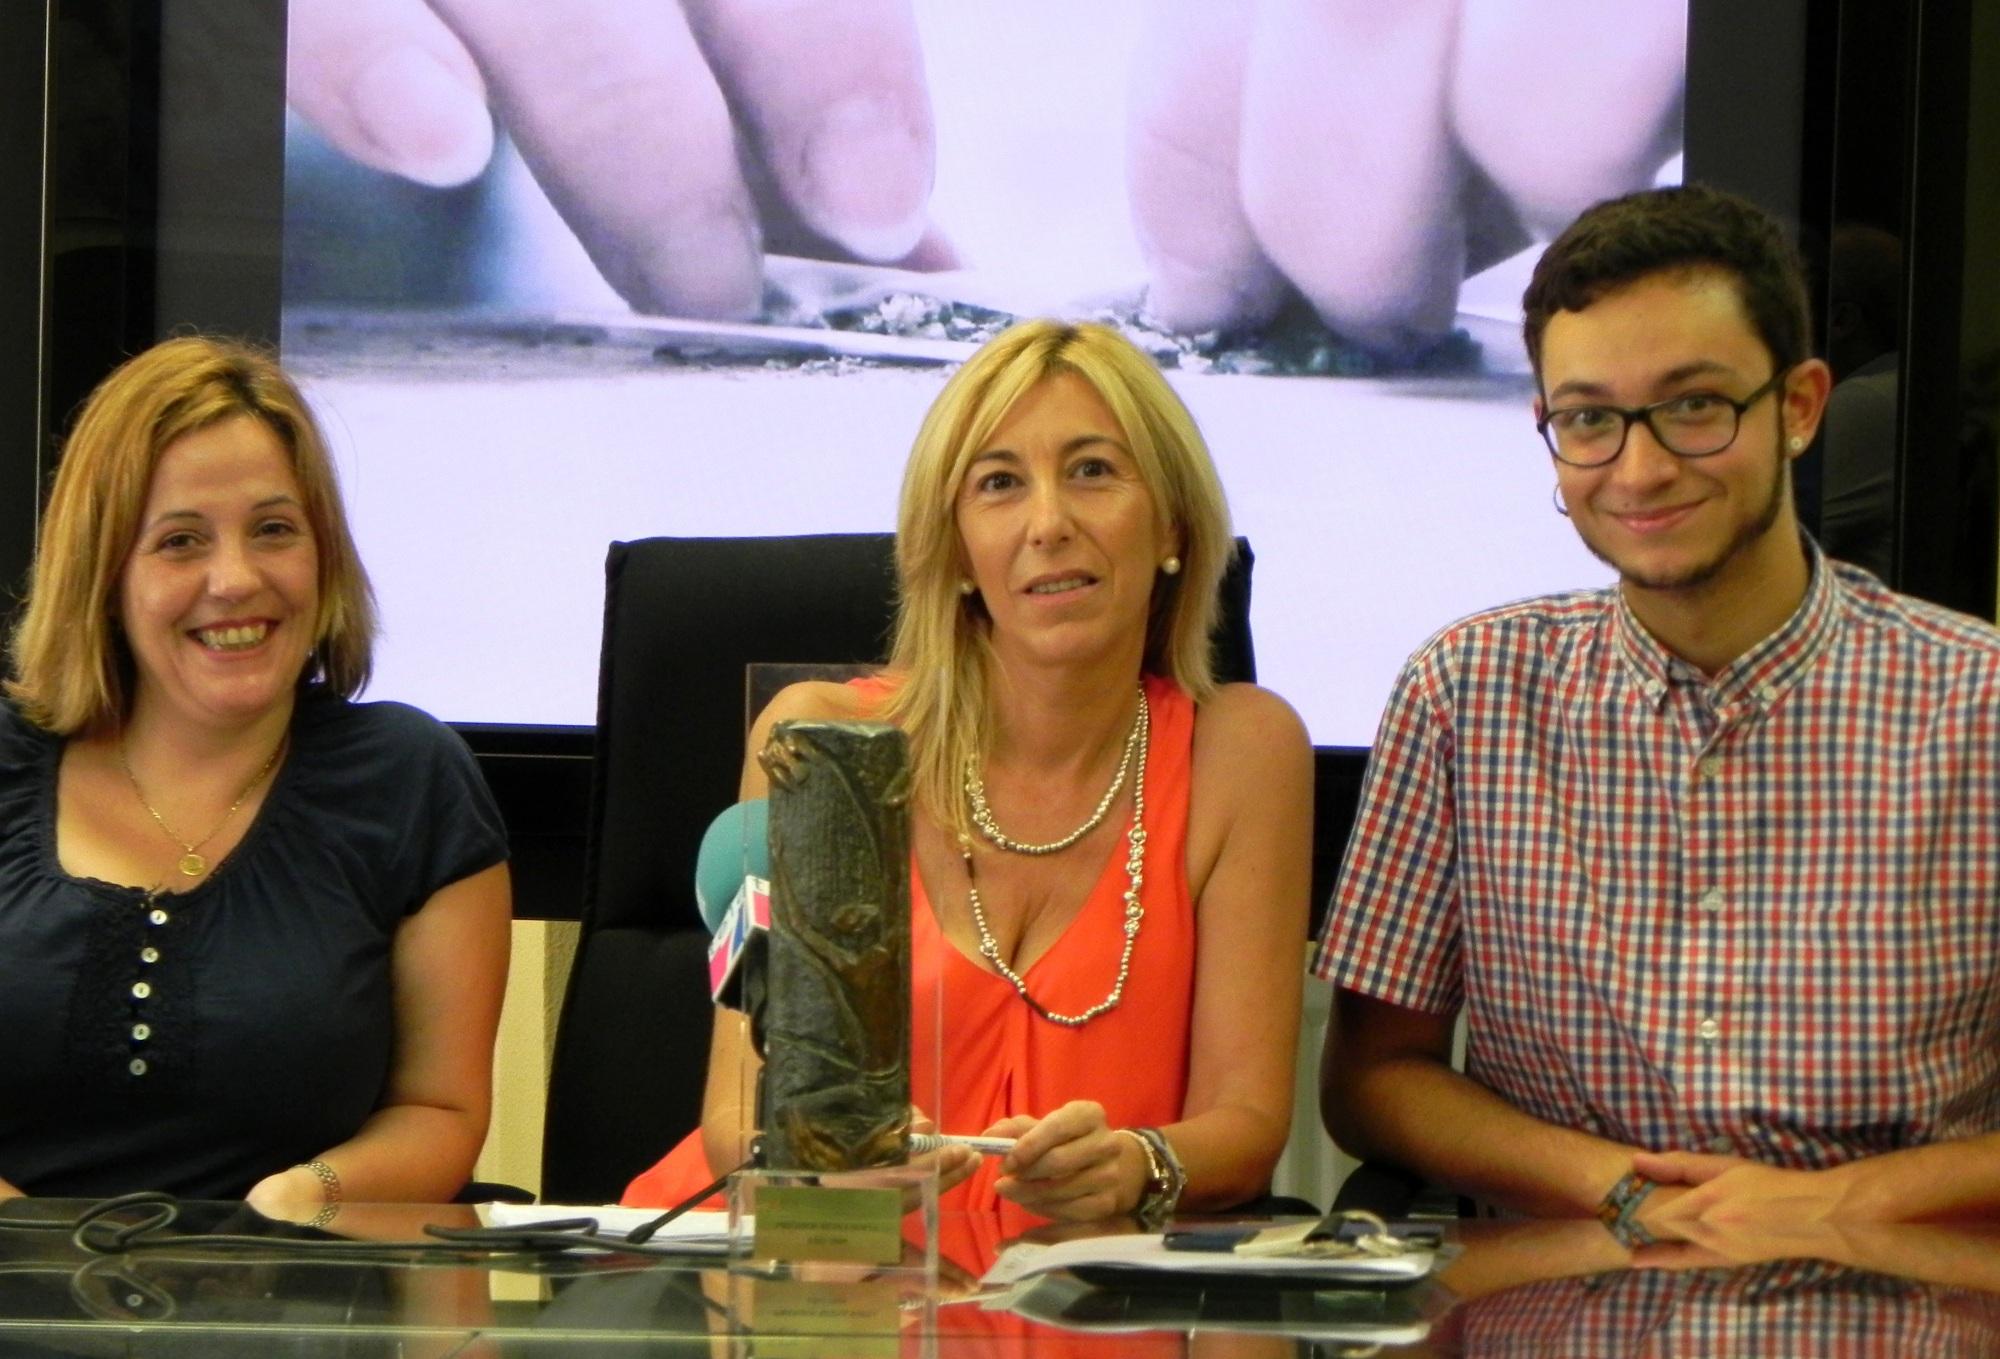 Lla concejala delegada del Área de Drogodependencias, Loli Torres, junto a la coordinadora del proyecto, Alañe Markaida y el mediador, Iñaki Peña.